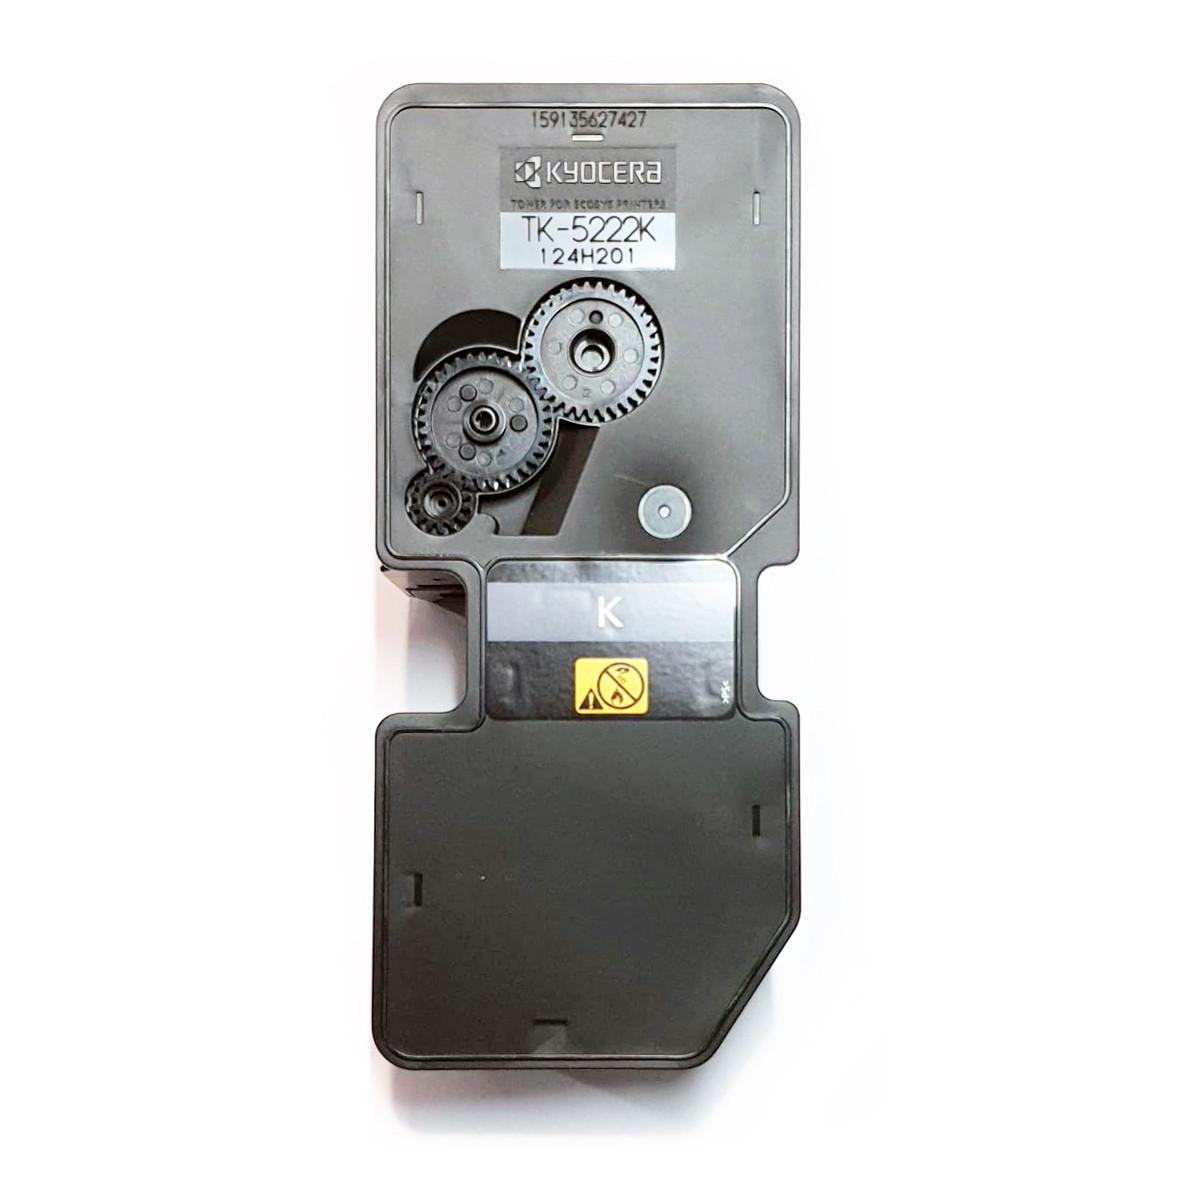 Toner Kyocera TK-5222K Preto | P5021CDN 5021CDN M5521CDN 5521CDN | Original 1.2k